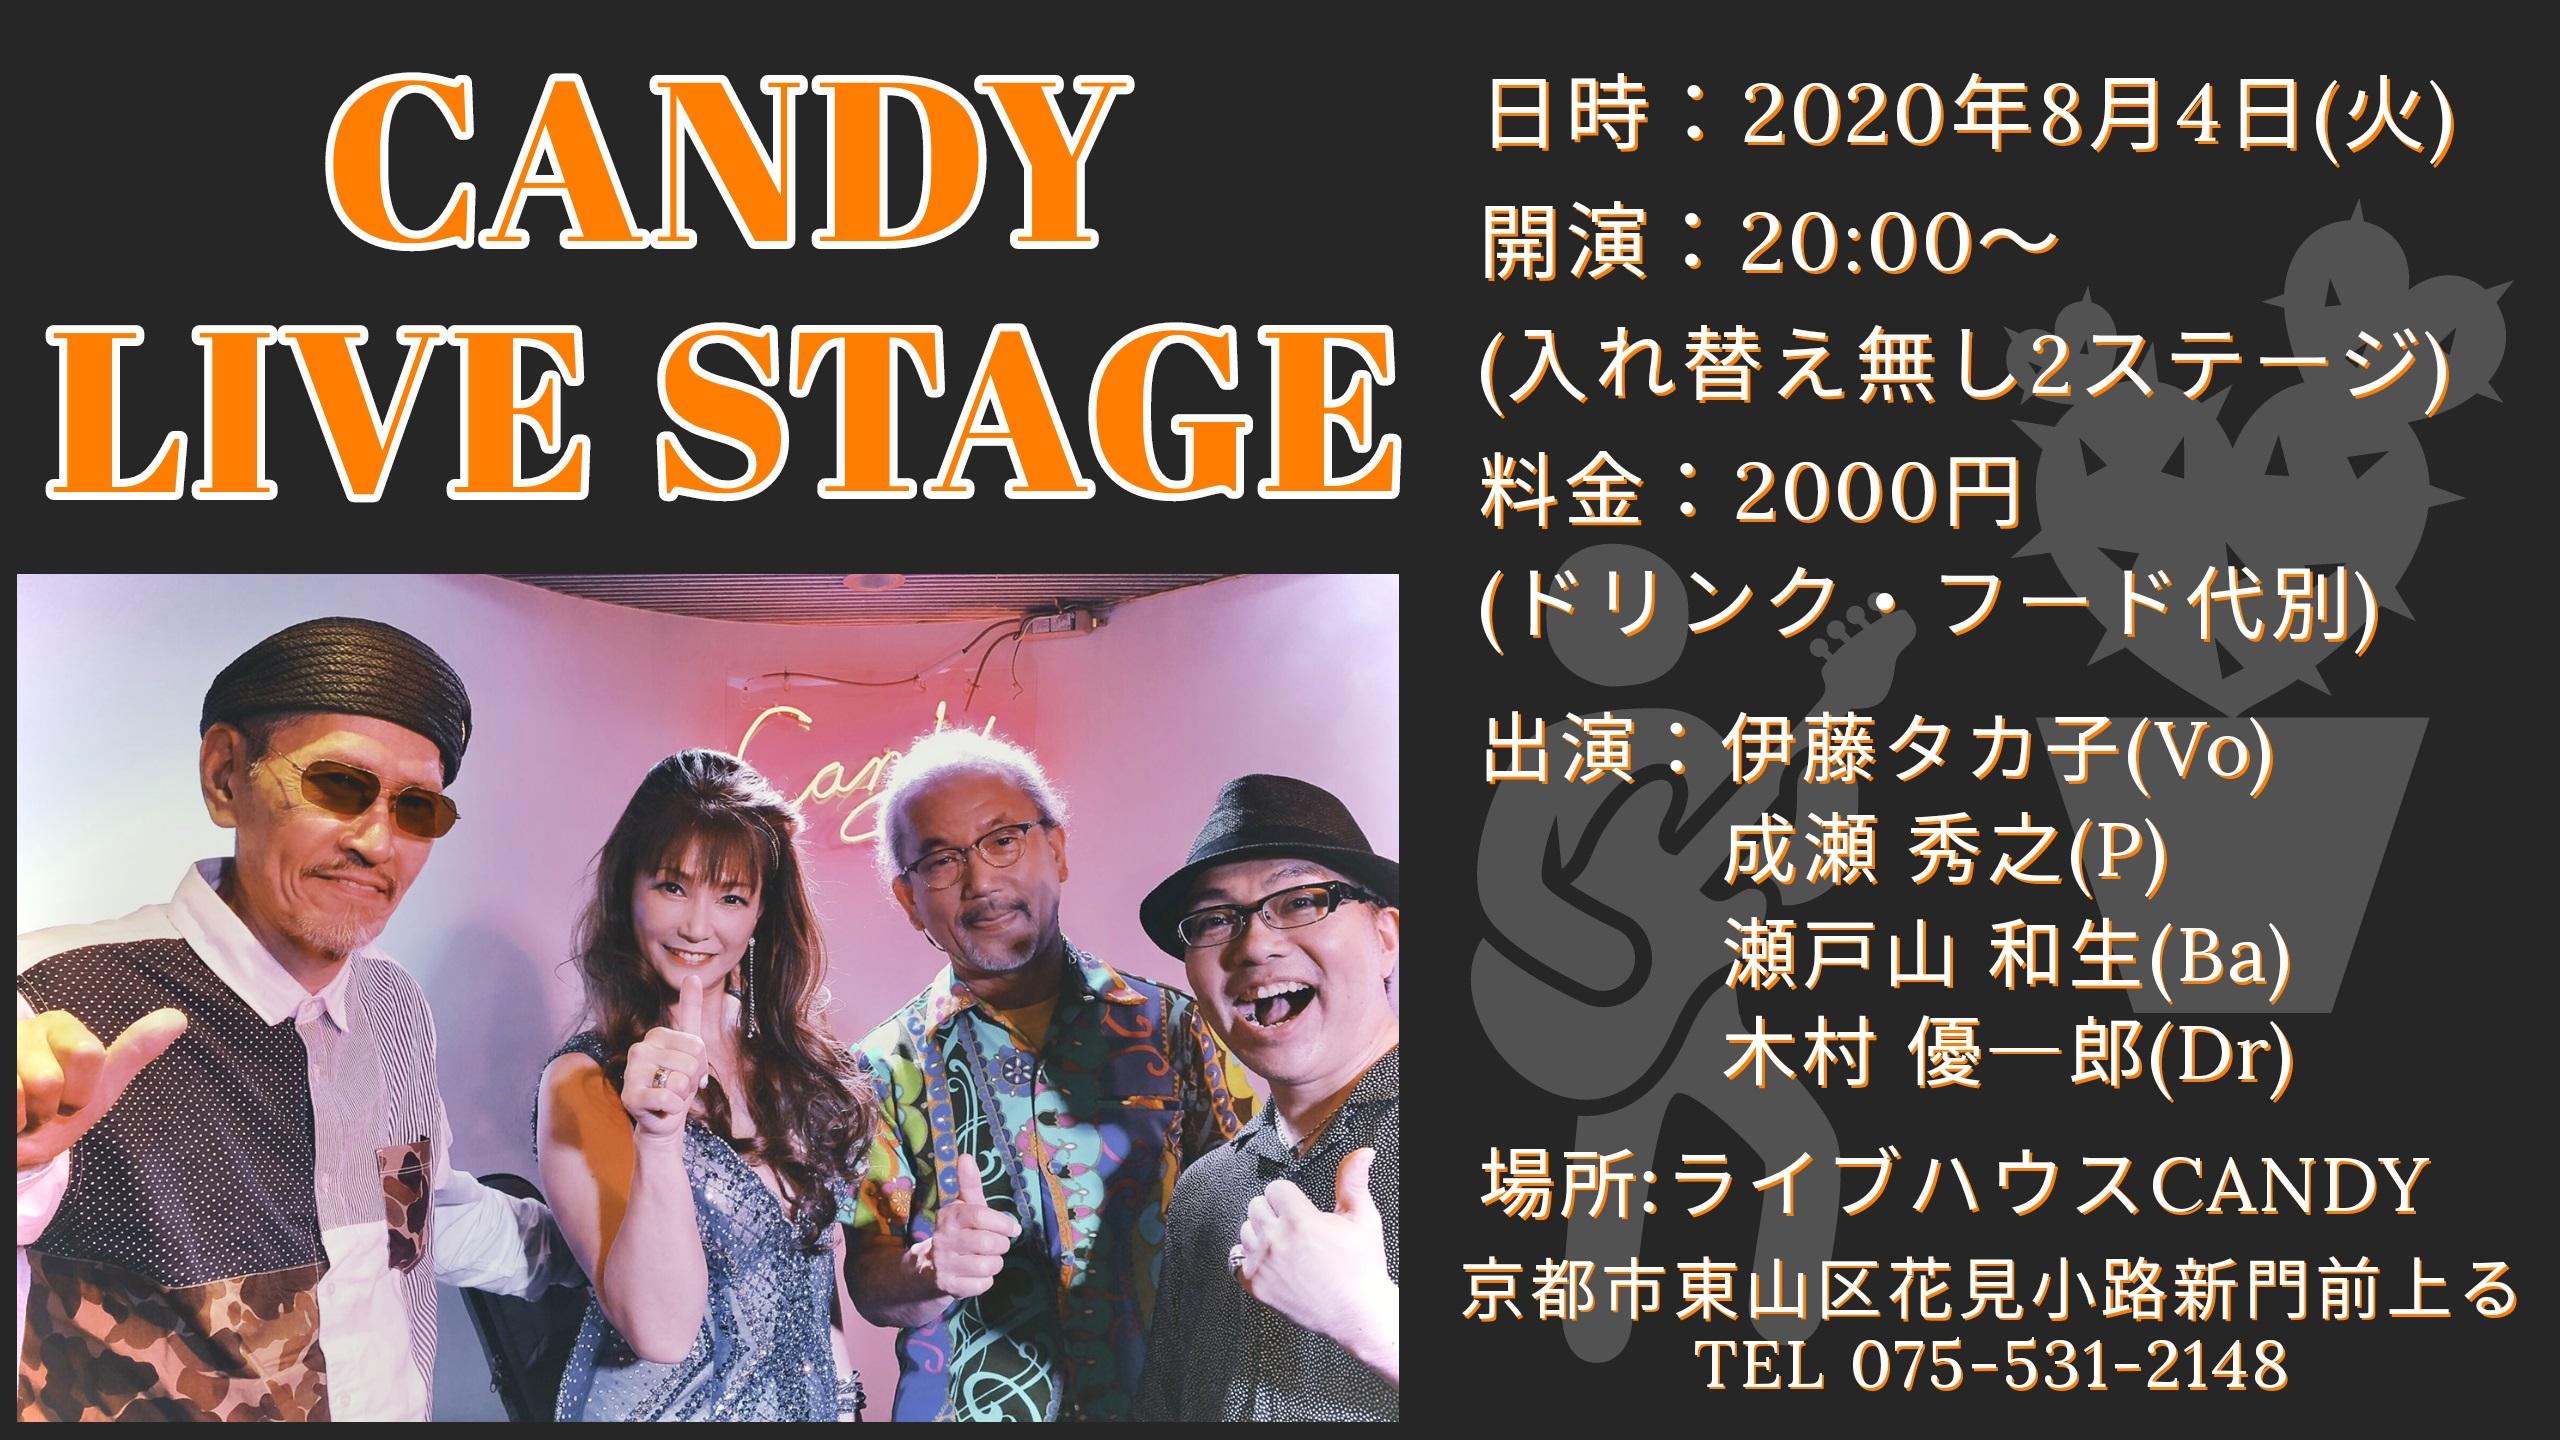 8月 CANDYライブステージのお知らせ